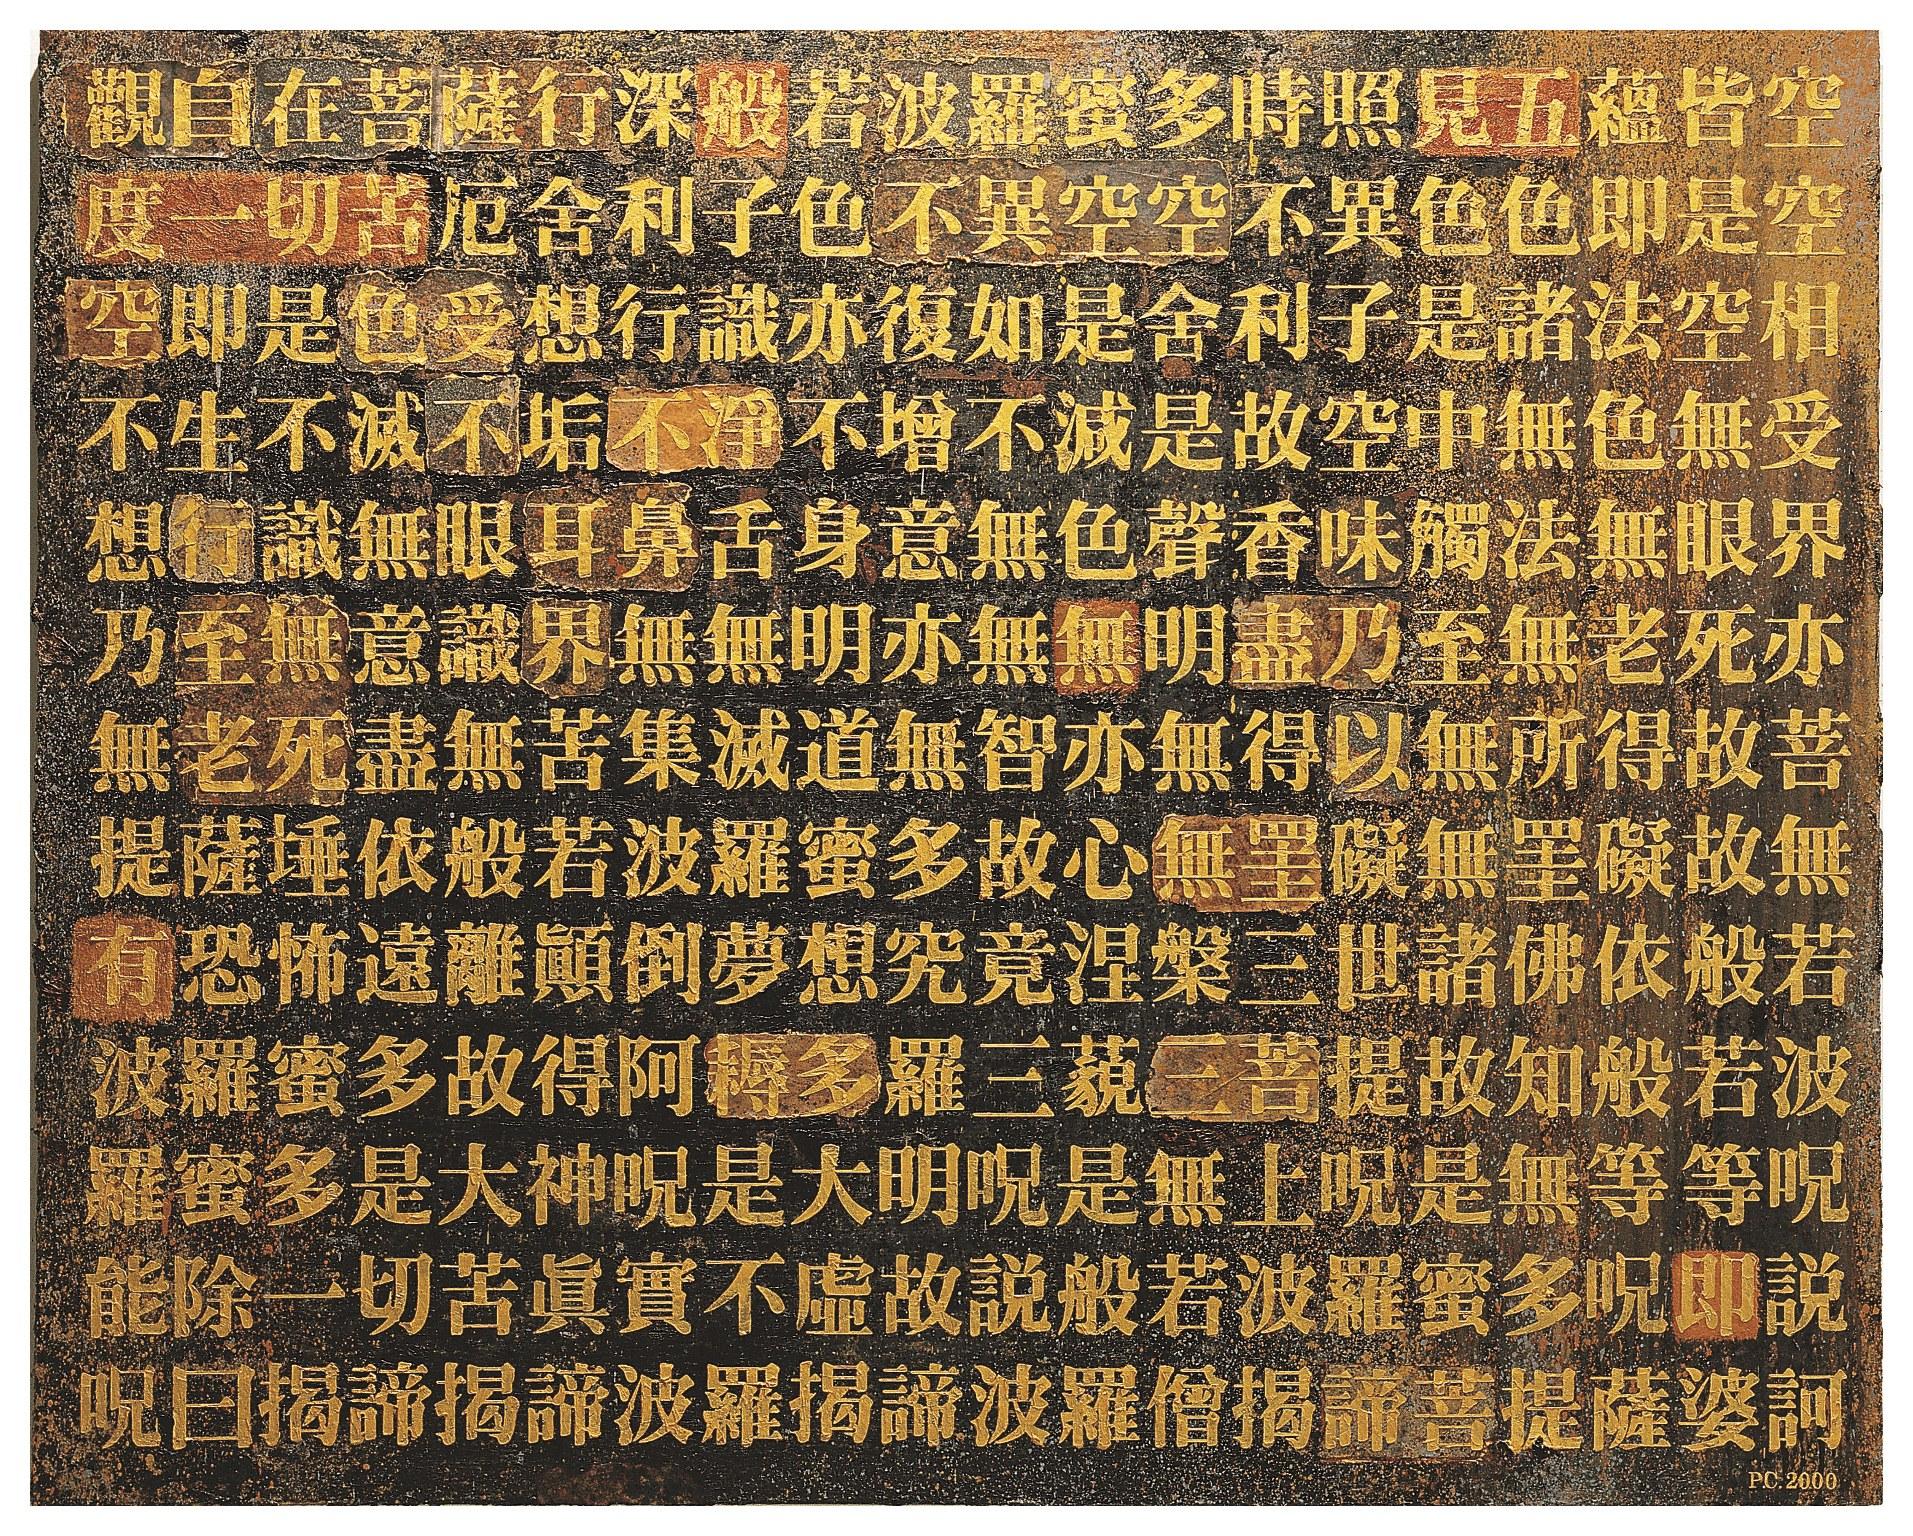 心經 The Heart Sutra 00-08 2000 油彩、畫布 122cm x 152cm